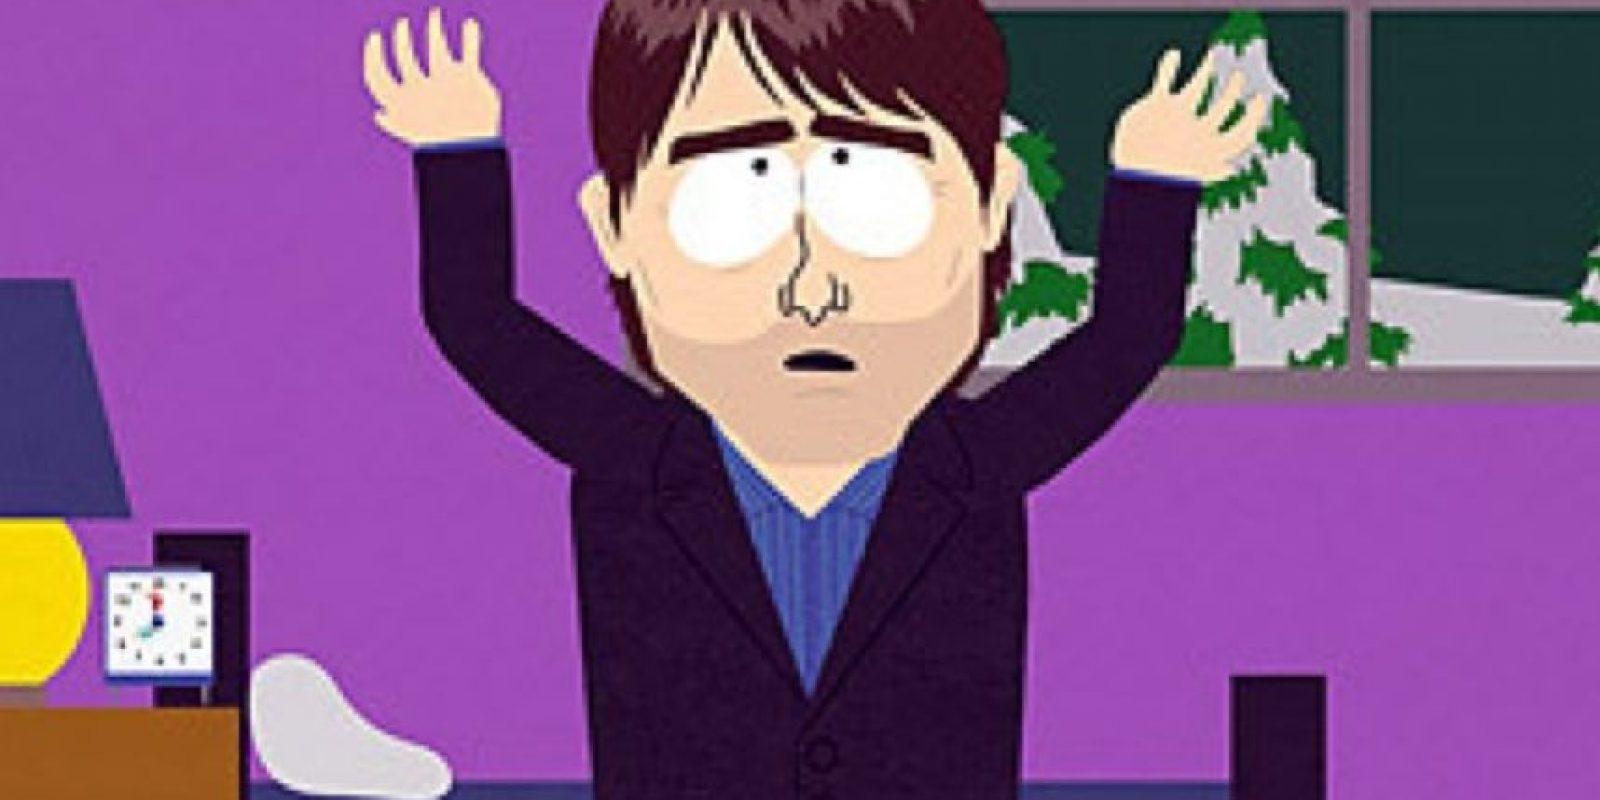 """En el episodio de 2005 de """"South Park"""" llamado """"Atrapados en el Clóset"""", Stan se une a la Cienciología y se descubre que es la reencarnación de su fundador, Ron Hubbard. Allí aparecen John Travolta y Tom Cruise, que ofendido, amenazó con no promocionar """"Misión Imposible III"""" si transmitían el episodio. Como hubo tanta censura y protestas, los creadores de la serie se burlaron aún más del hecho. Es uno de los episodios más importantes de la serie. Foto:Comedy Central"""